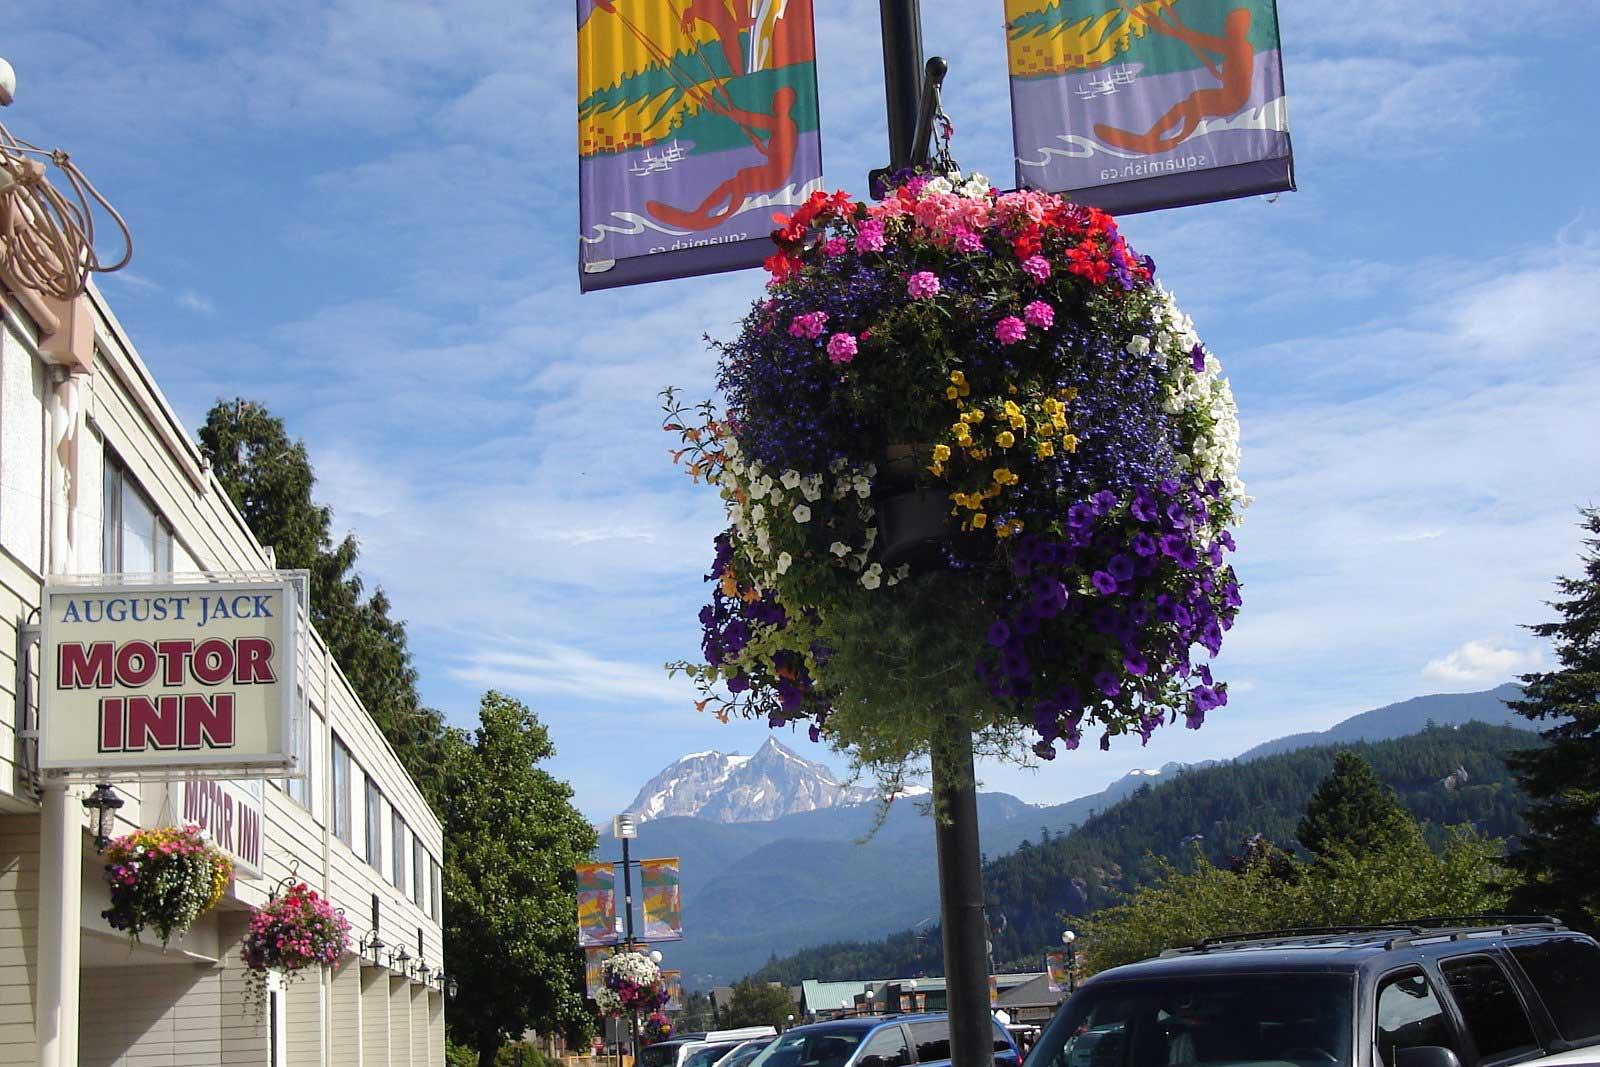 August Jack Motor Inn Squamish